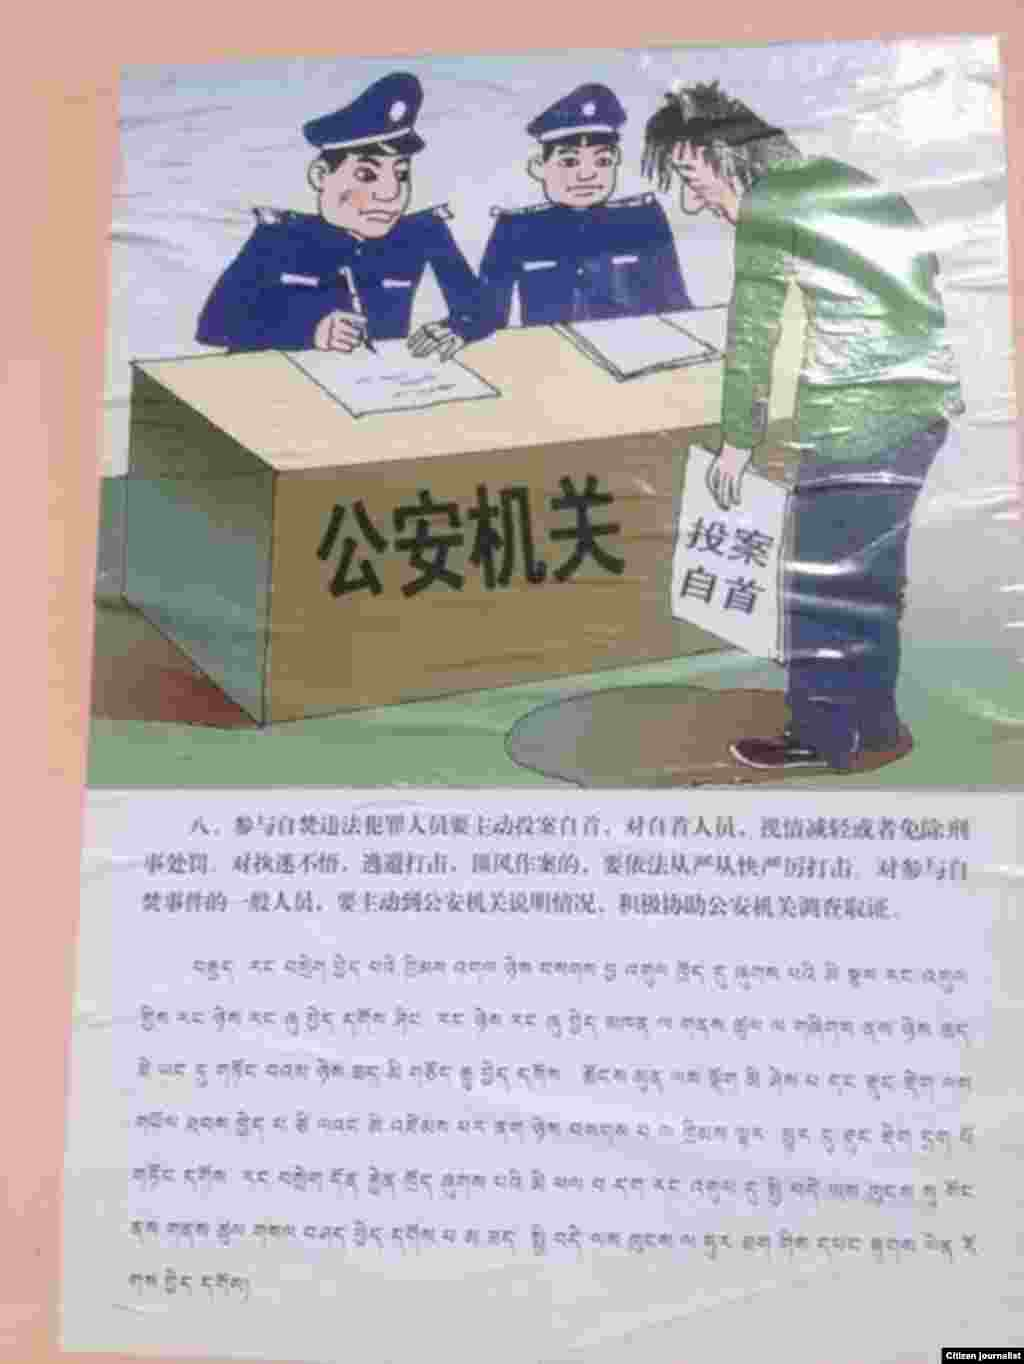 官方宣傳畫用漢藏兩種文字警告參與自焚者自首﹐否則將從嚴處罰。